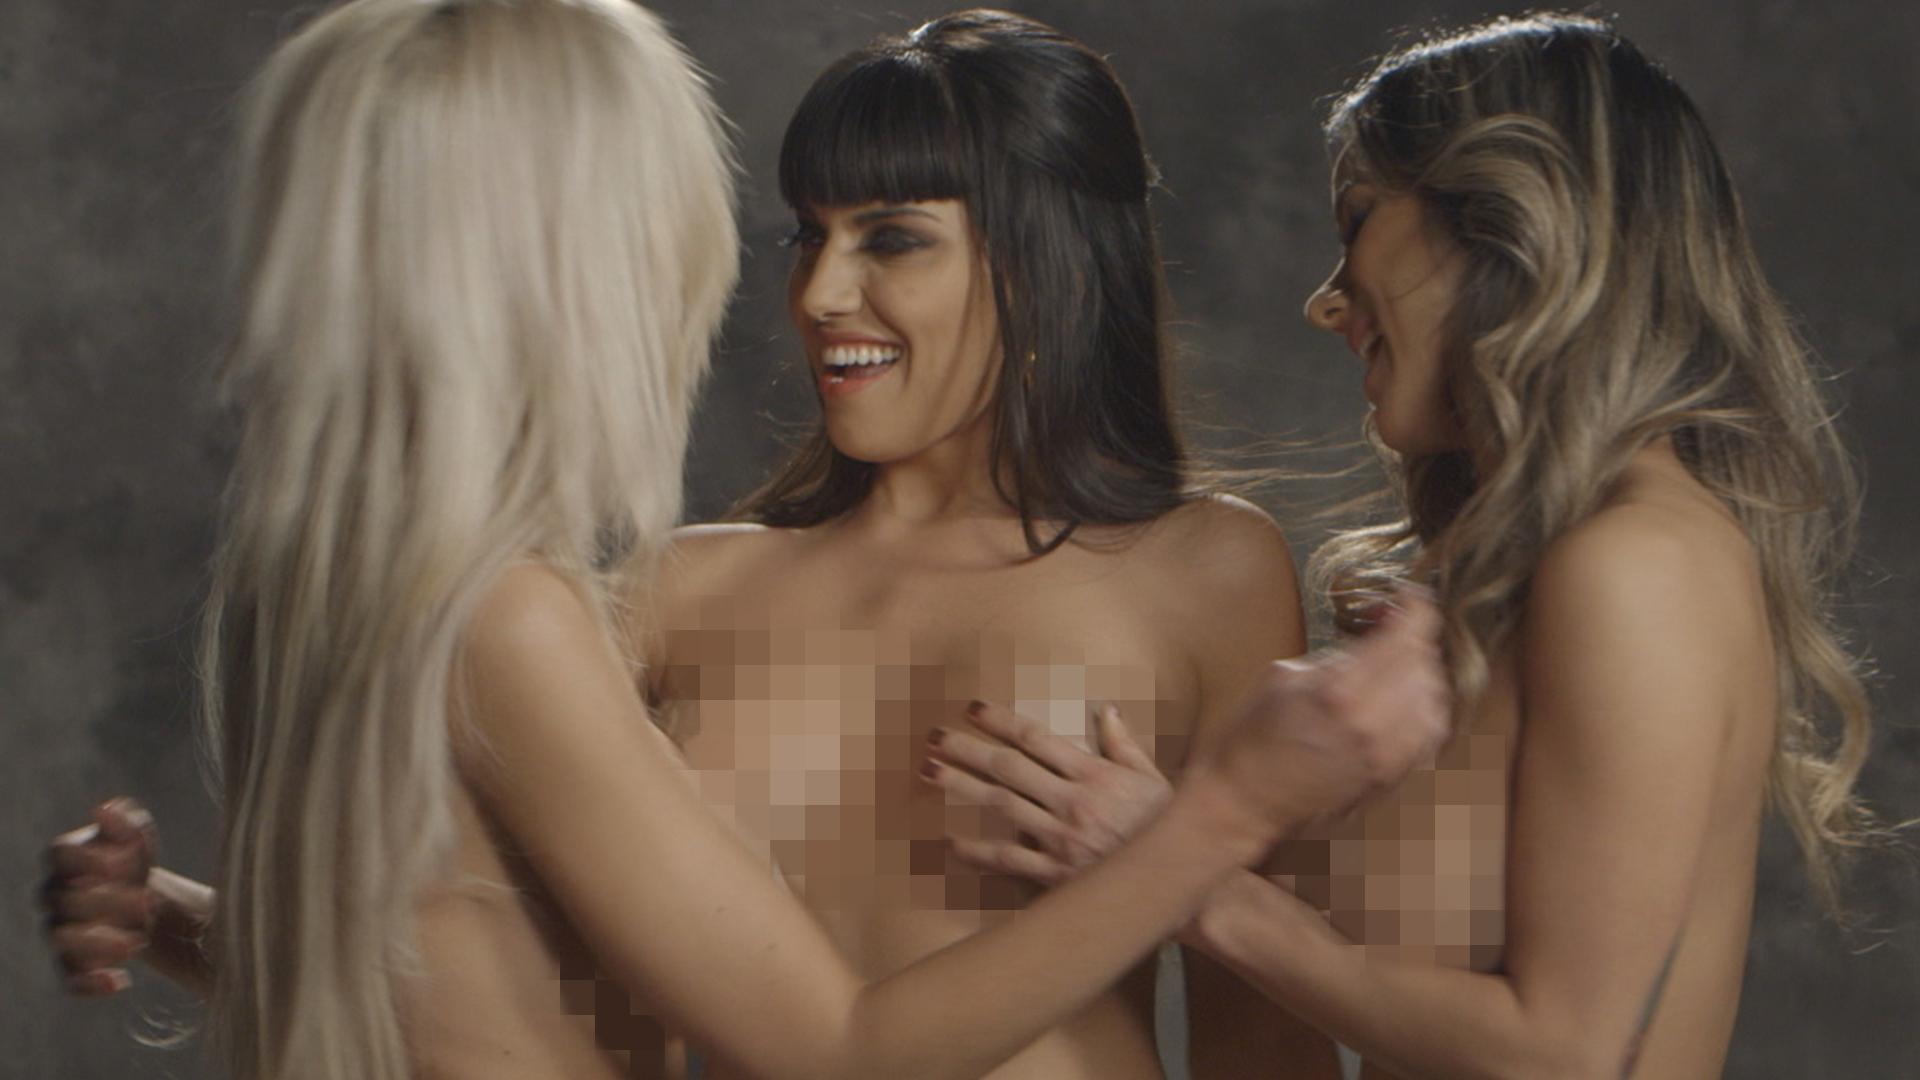 50 Sombras De Grey Parody Porn reasons pornstars hate shades of grey from funny or die